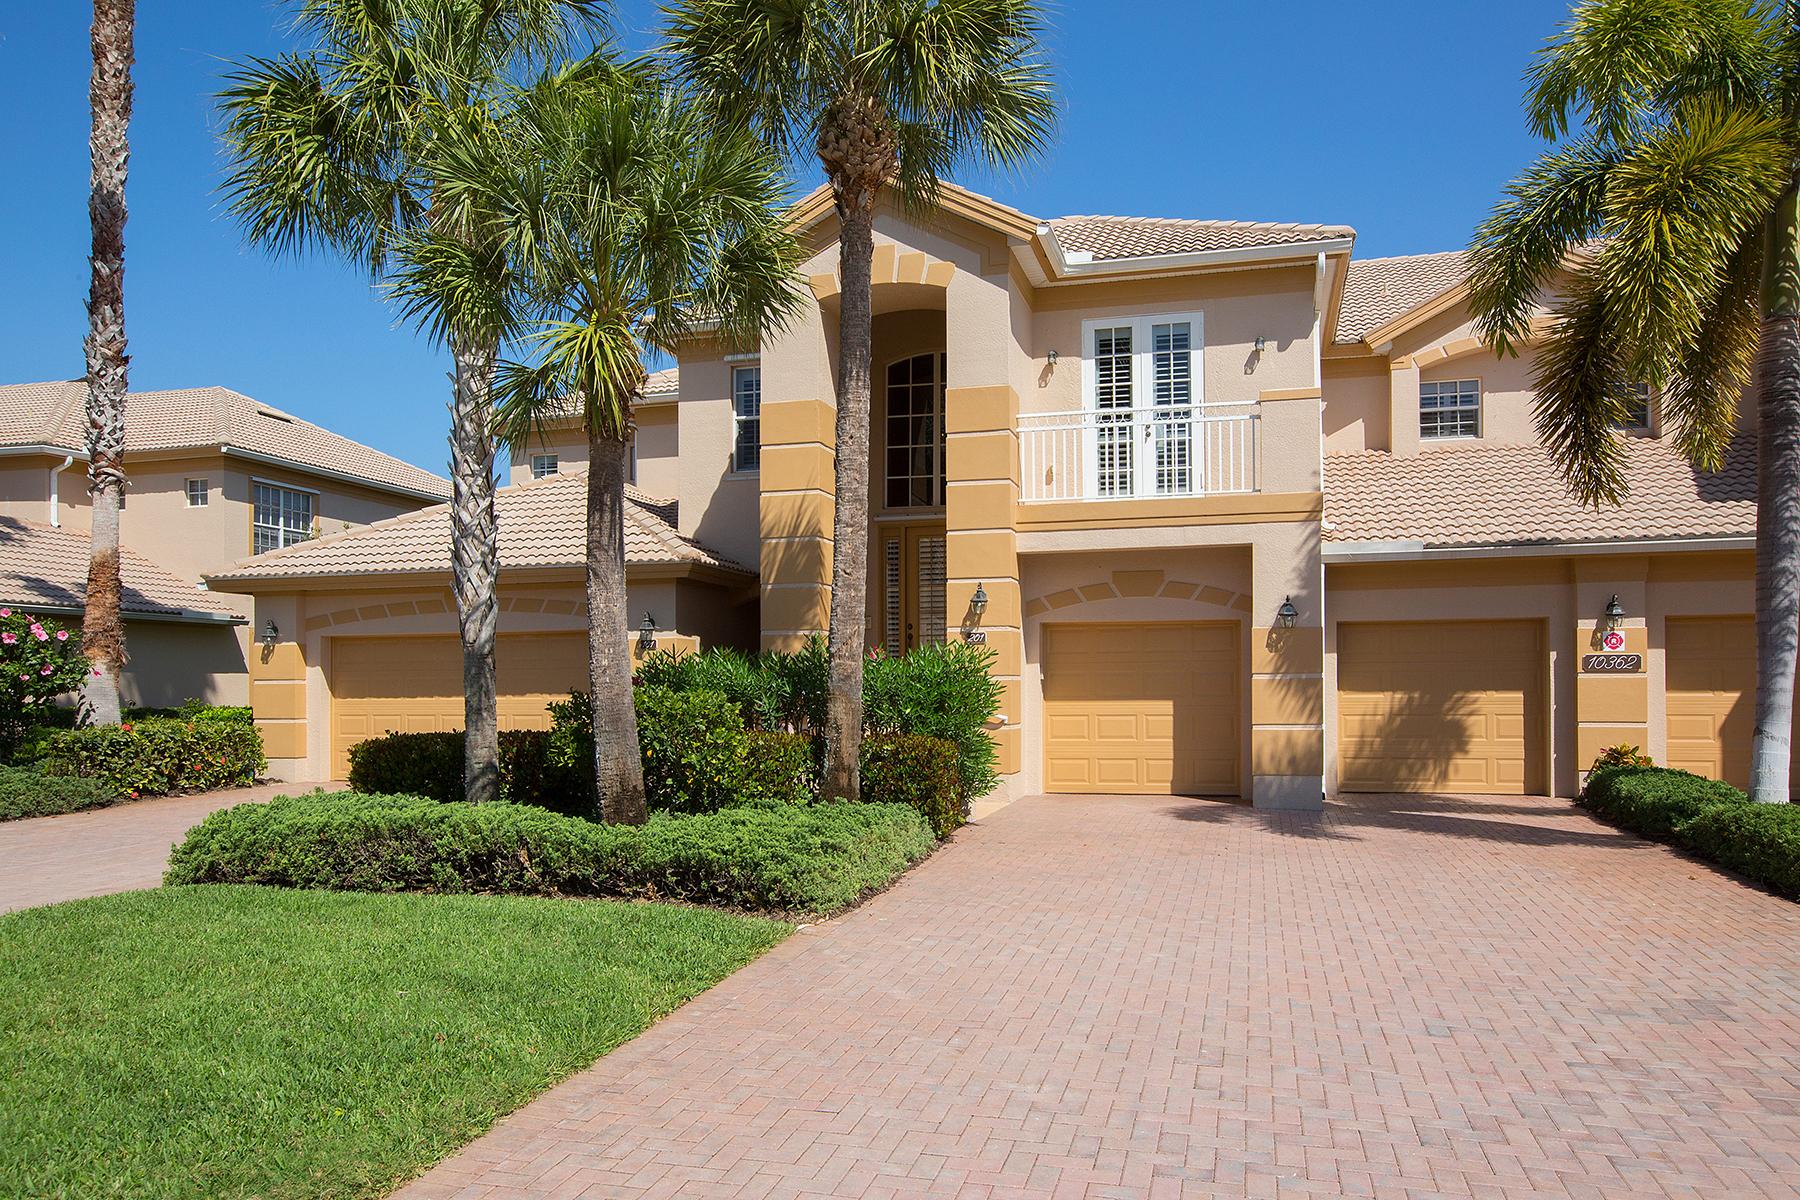 共管式独立产权公寓 为 销售 在 SHADOW WOOD AT THE BROOKS - OAK HAMMOCK 10362 Autumn Breeze Dr 201 埃斯特罗, 佛罗里达州 34135 美国